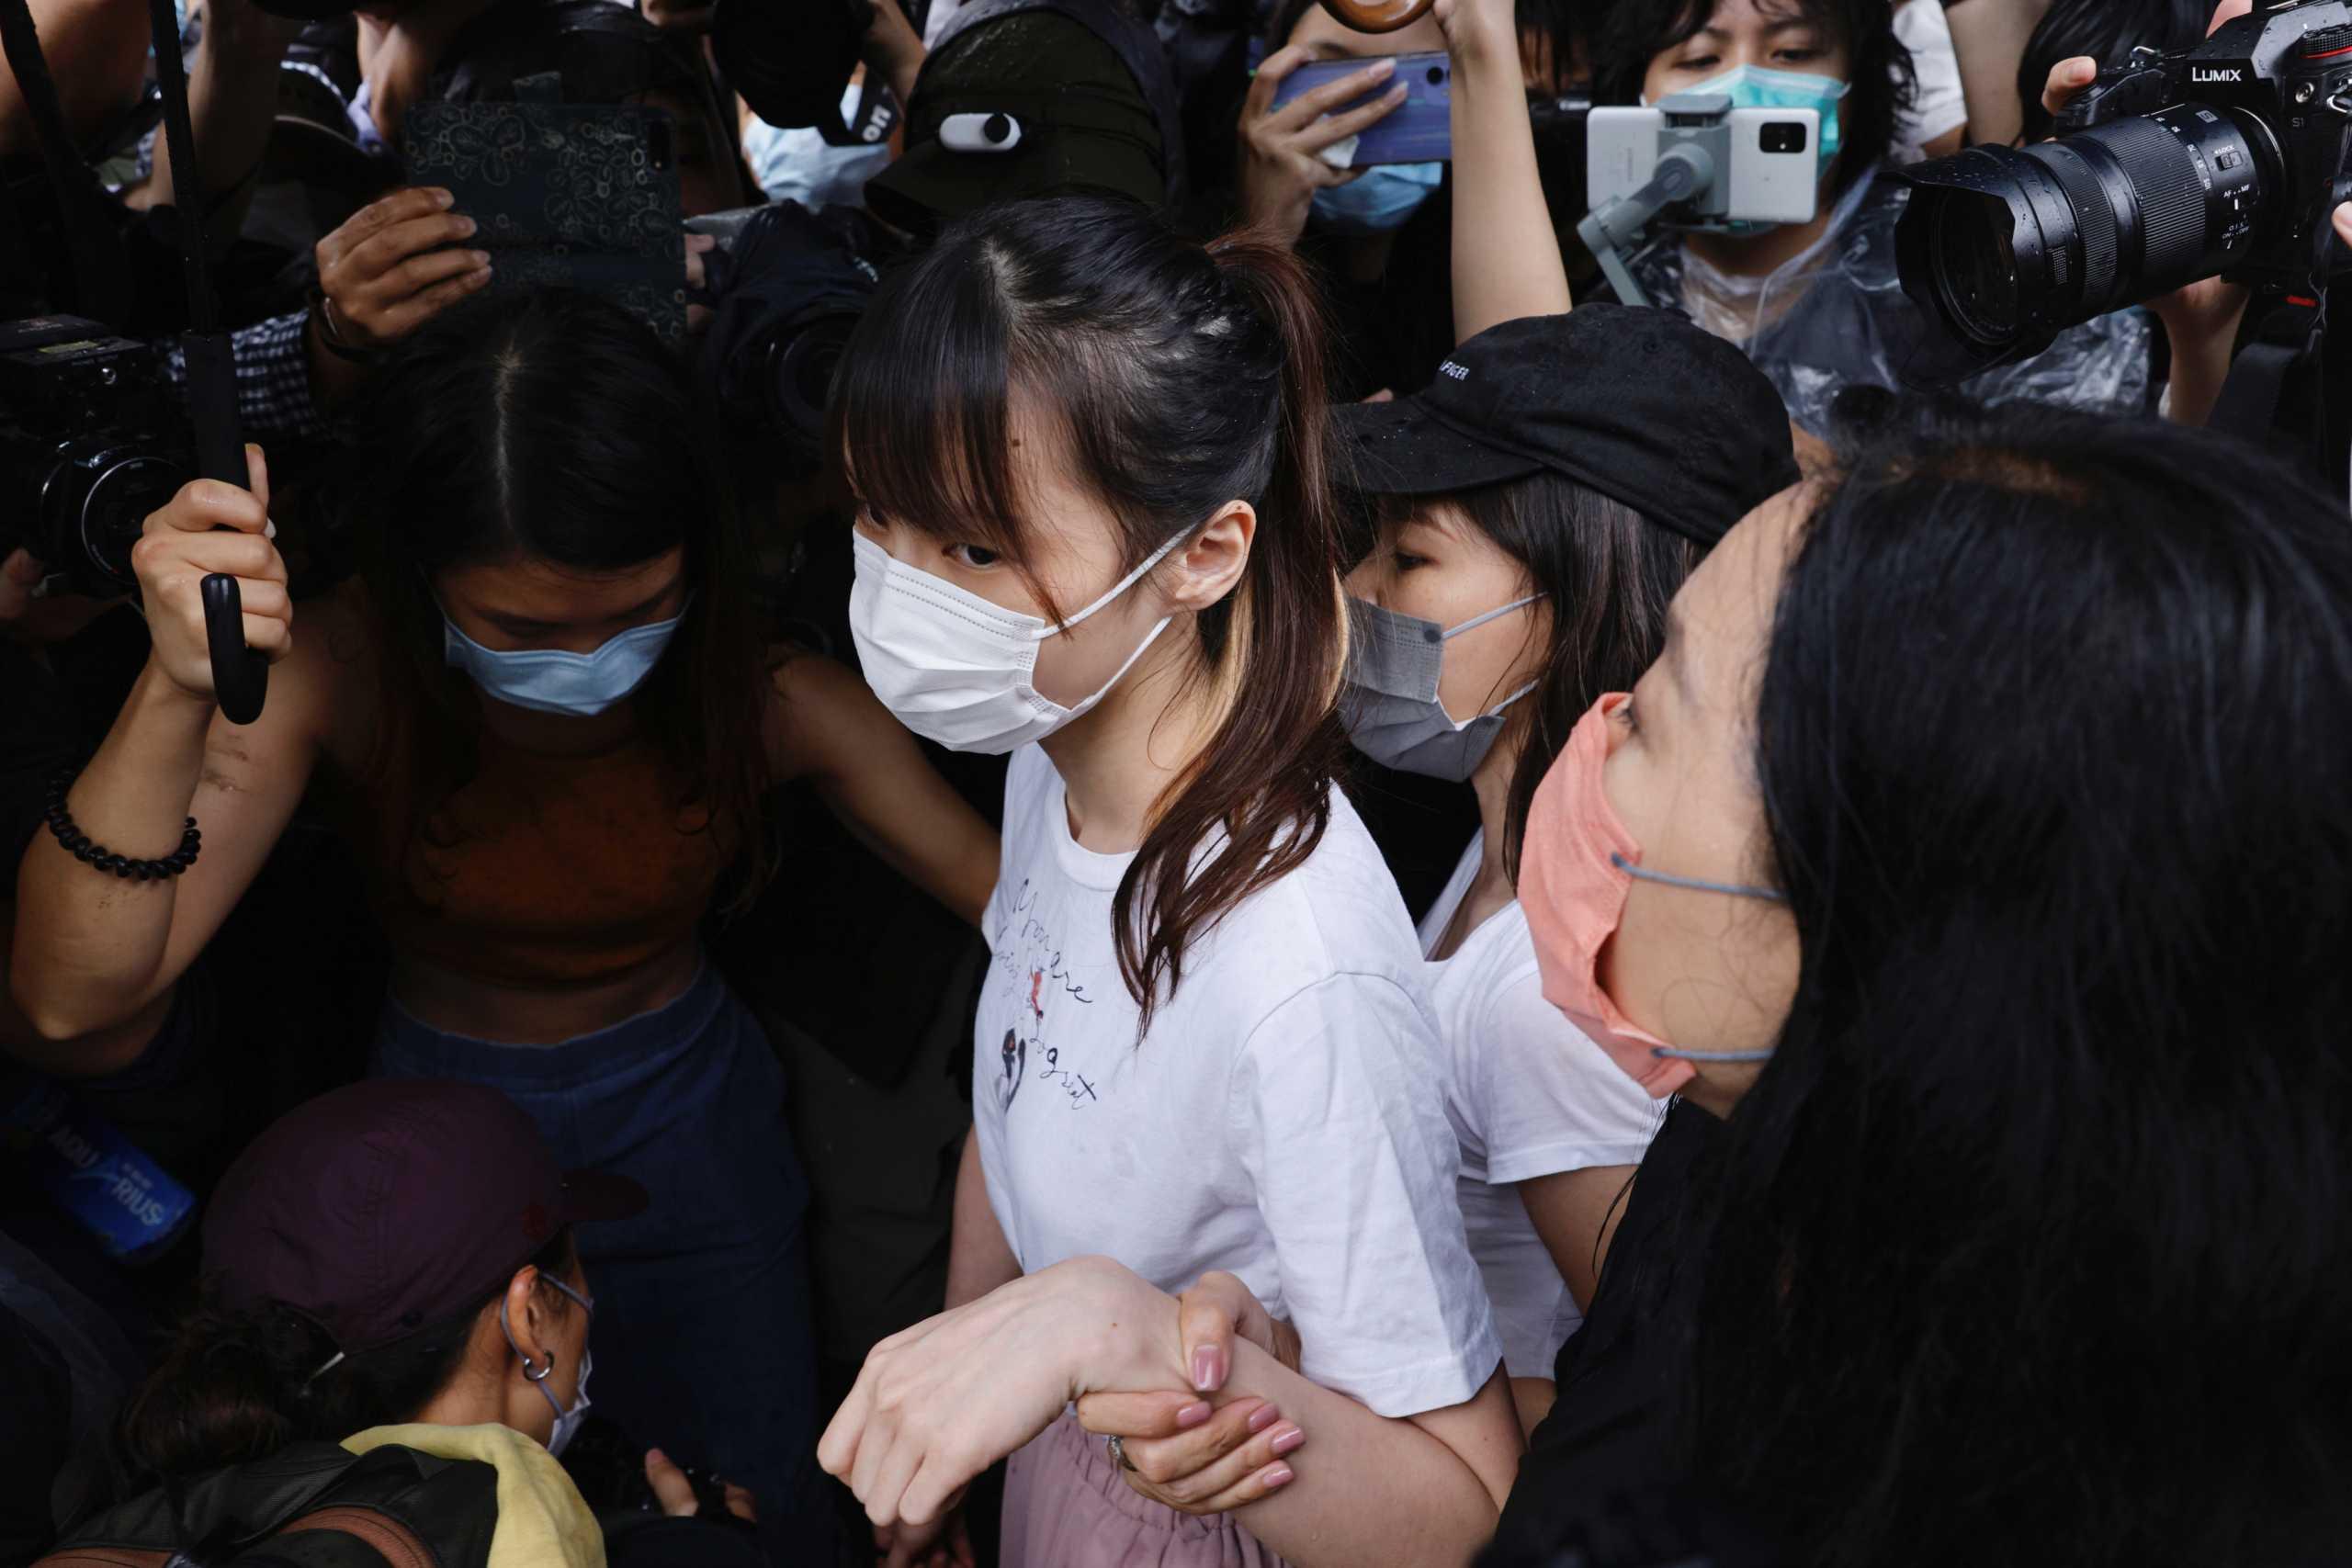 Χονγκ Κονγκ: Αφέθηκε ελεύθερη η ακτιβίστρια Άγκνες Τσόου – Φόβοι για τις διαδηλώσεις